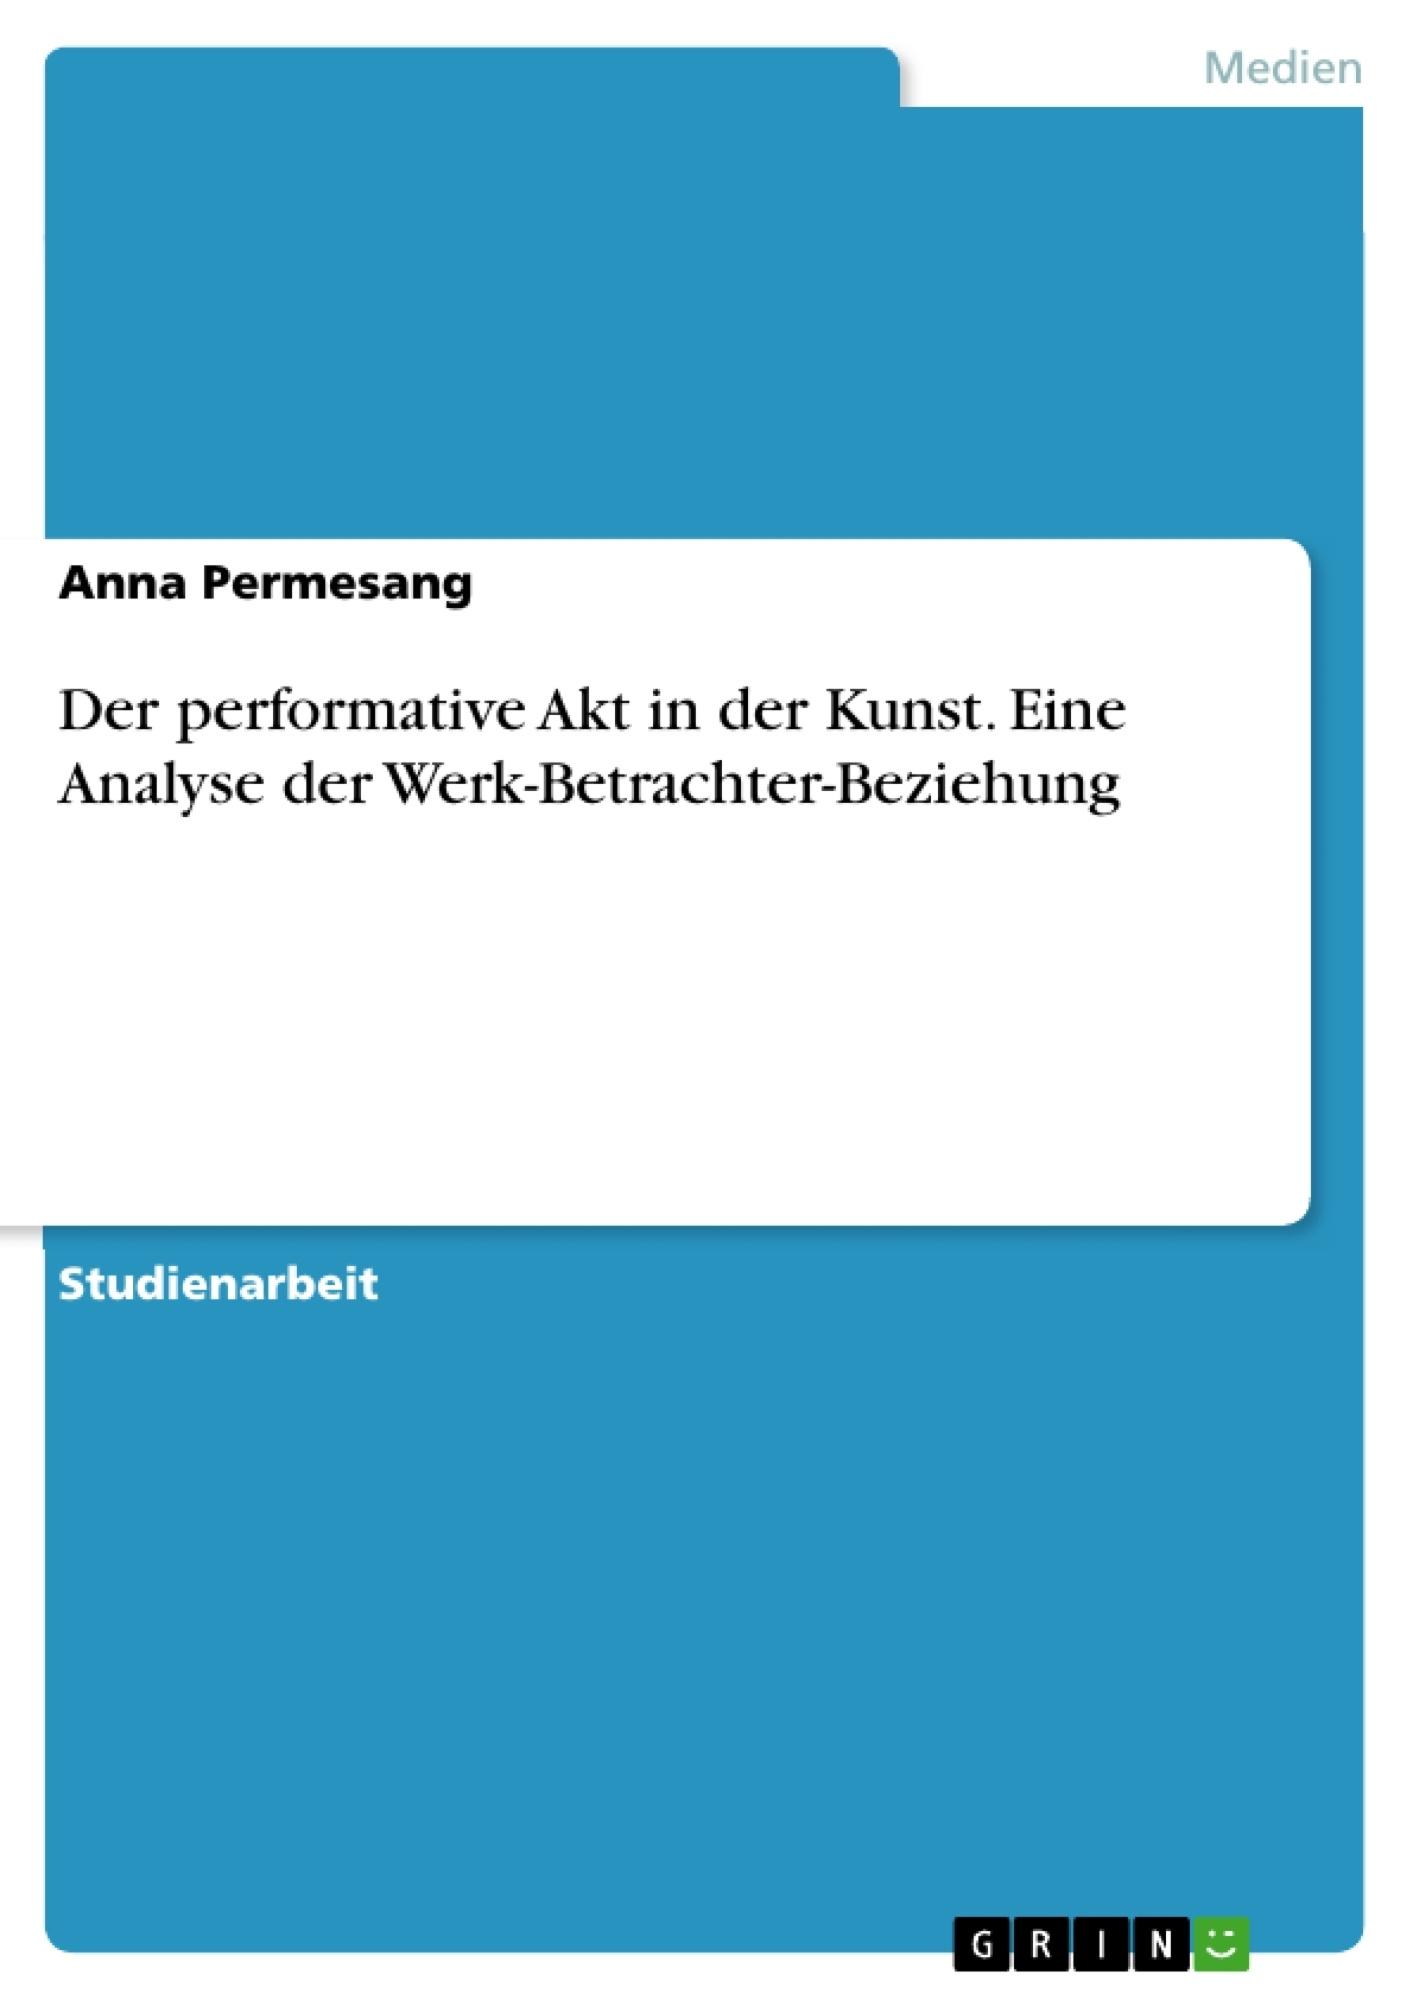 Titel: Der performative Akt in der Kunst. Eine Analyse der Werk-Betrachter-Beziehung